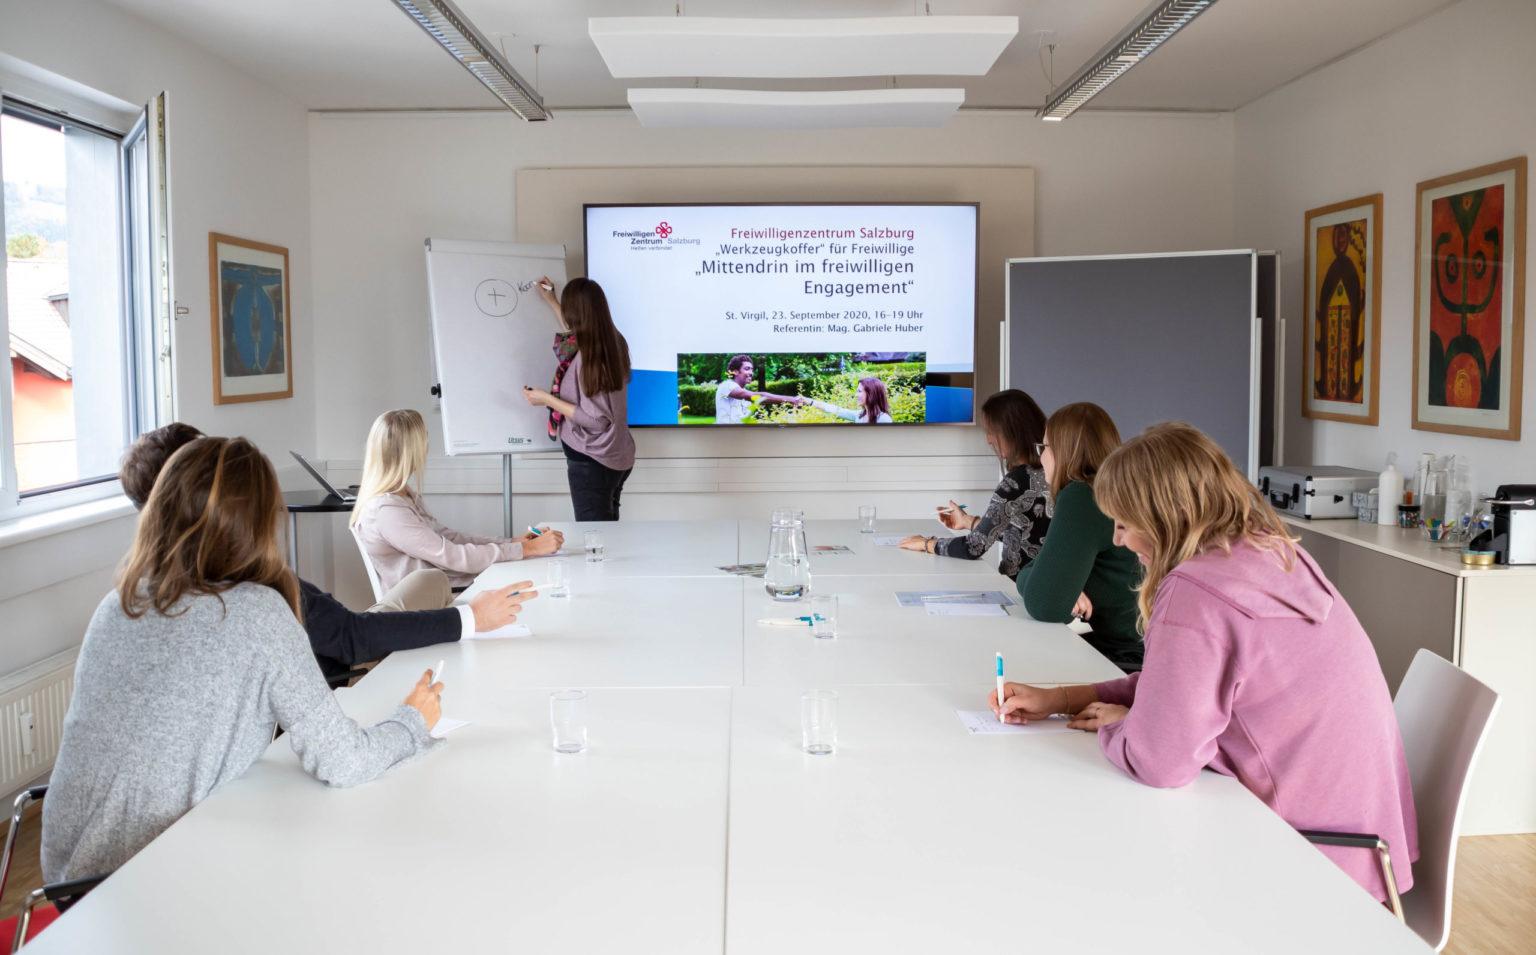 Personen sitzen bei einem Workshop, besprechen Tätigkeiten des Freiwilligenzentrum Salzburg